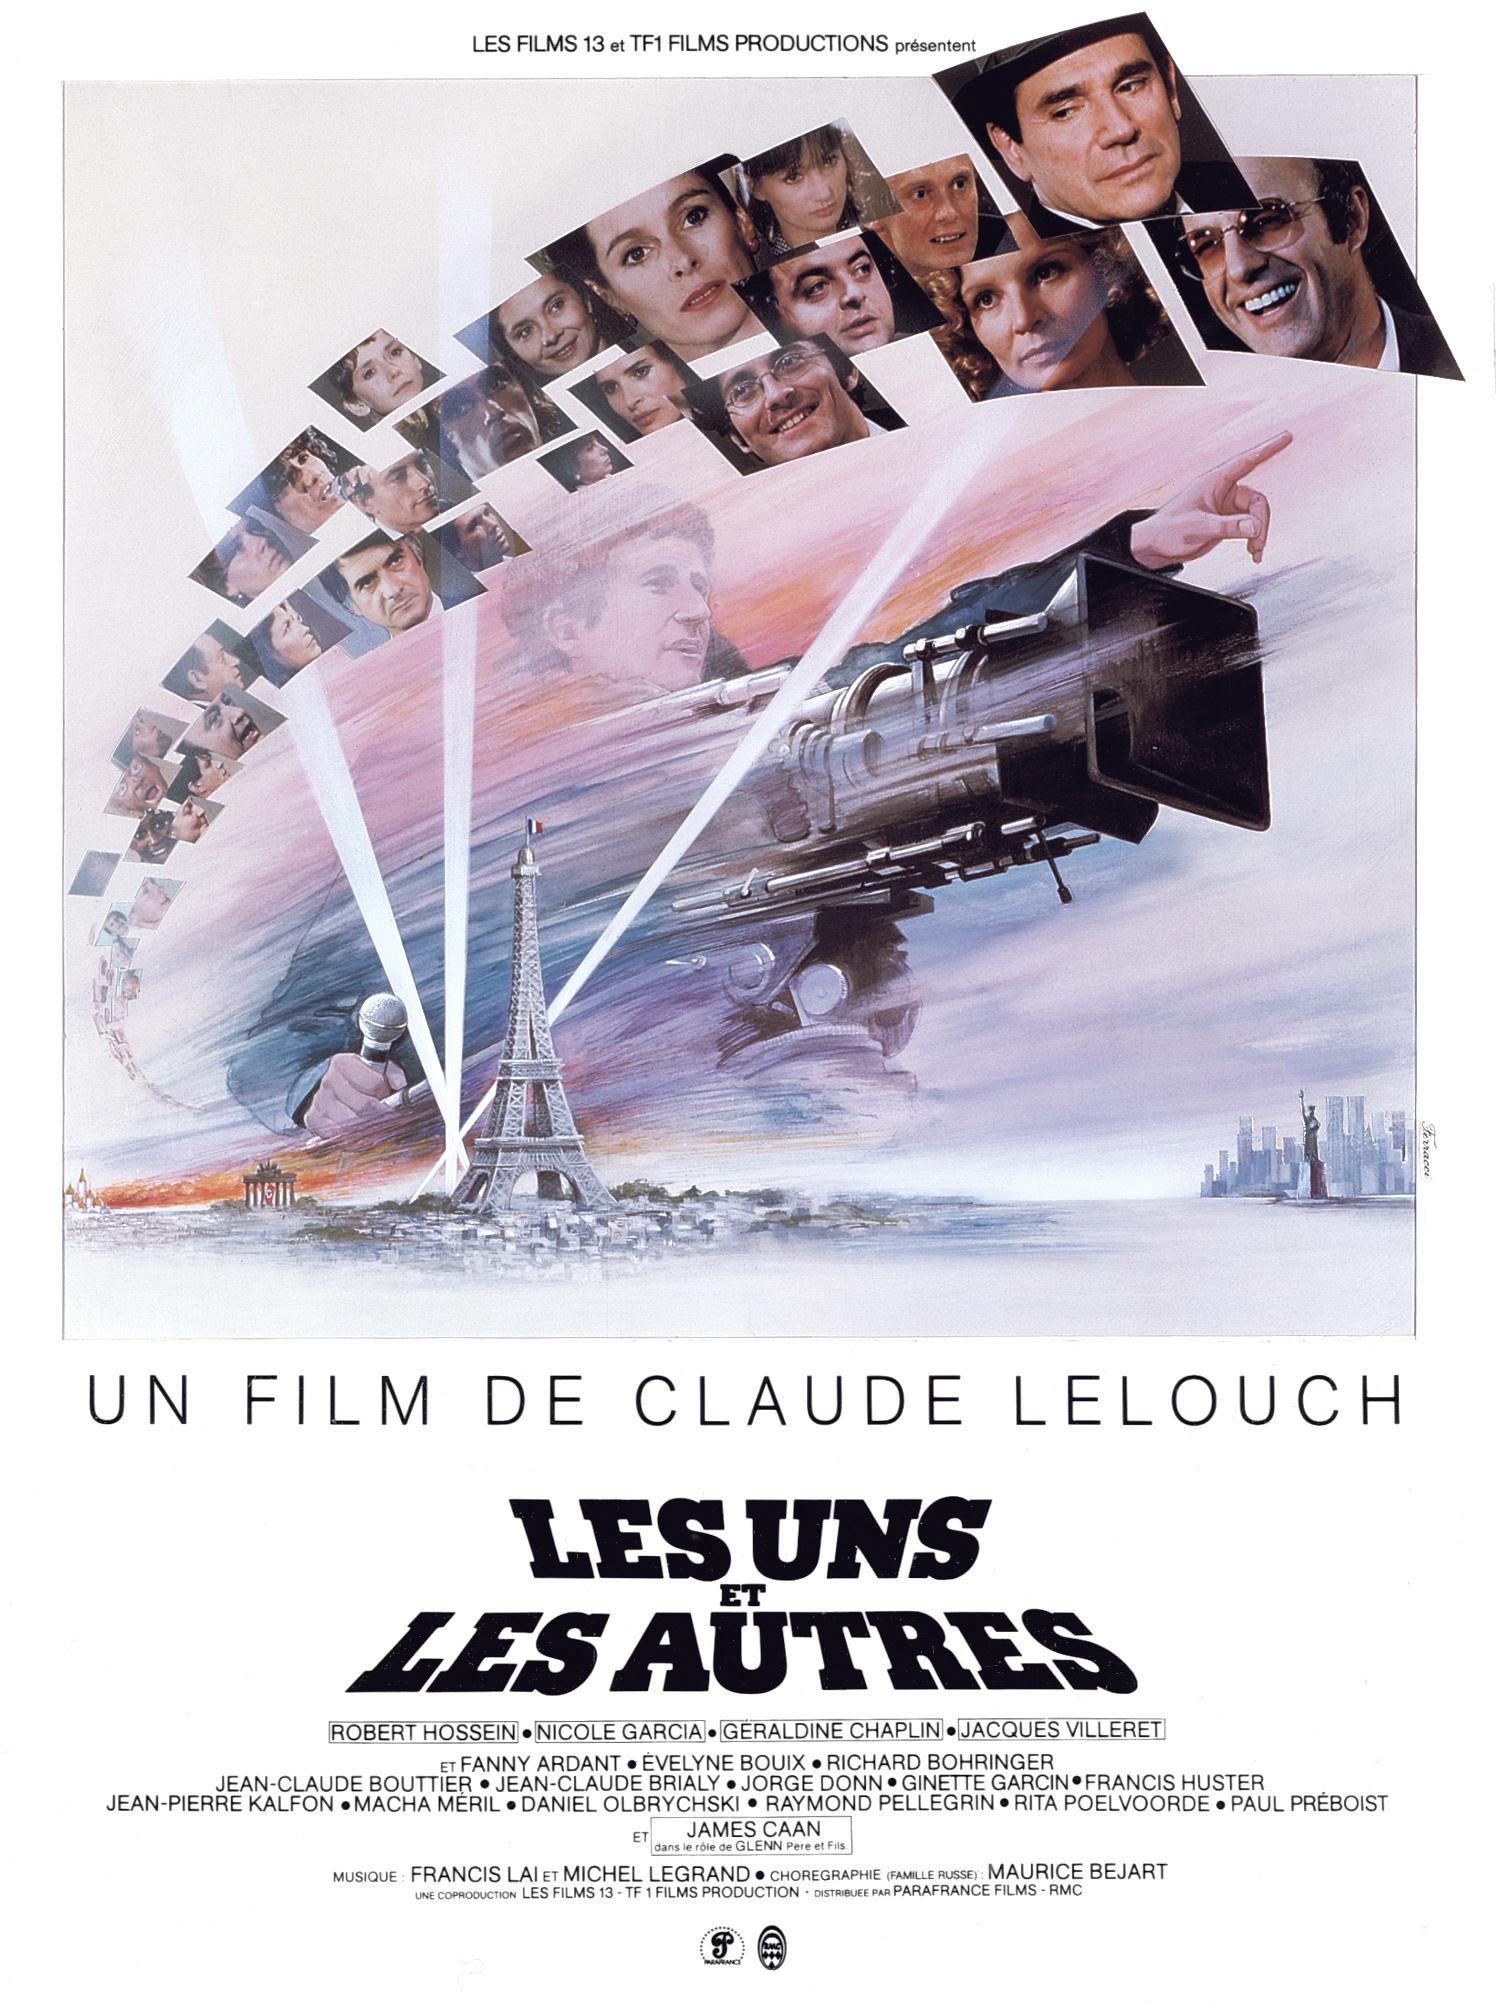 Les uns et les autres, de Claude Lelouch